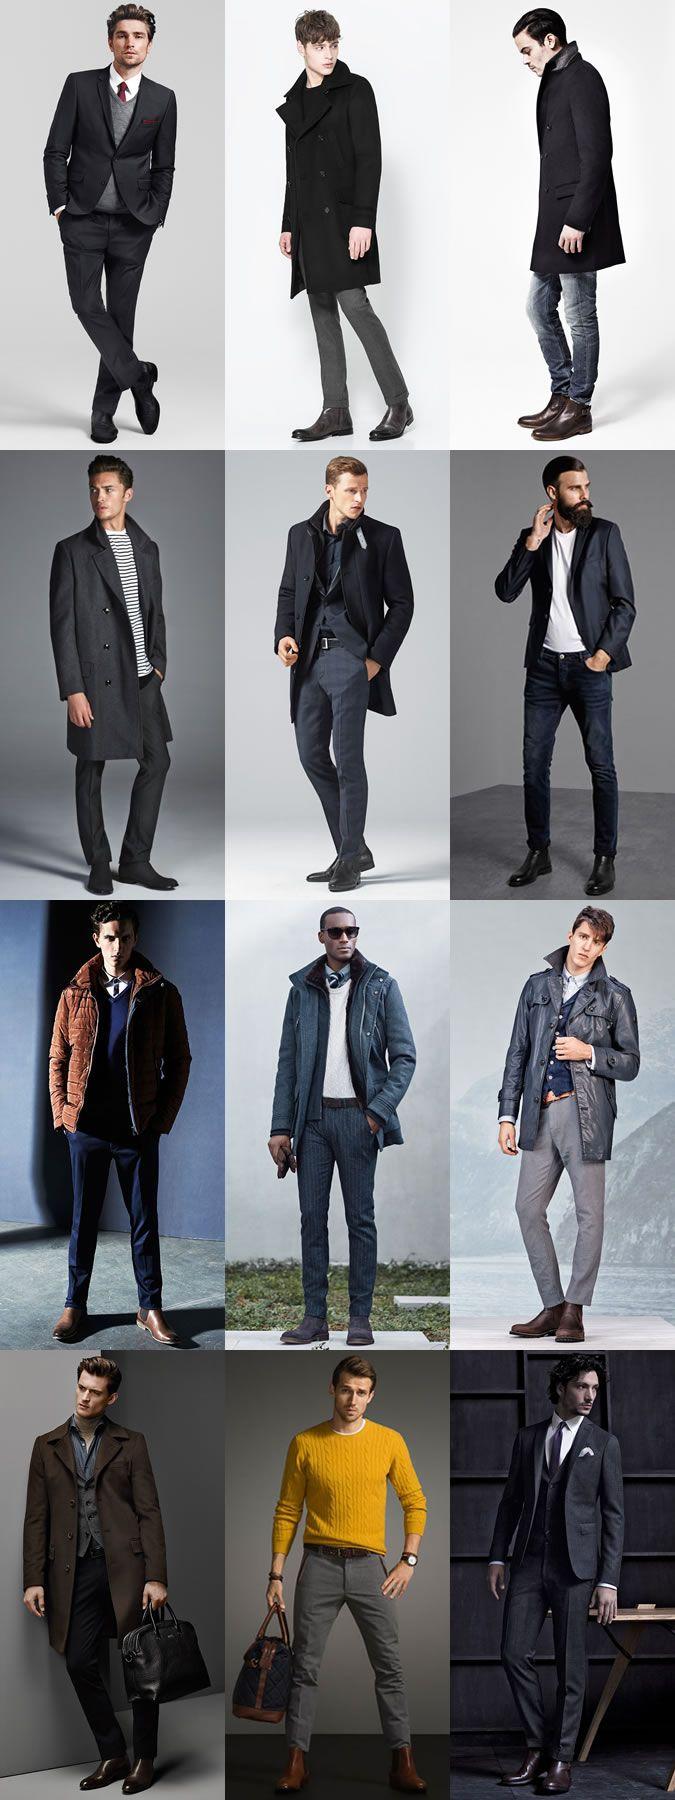 Men's Smart Winter Boots: Chelsea Boots Lookbook Inspiration